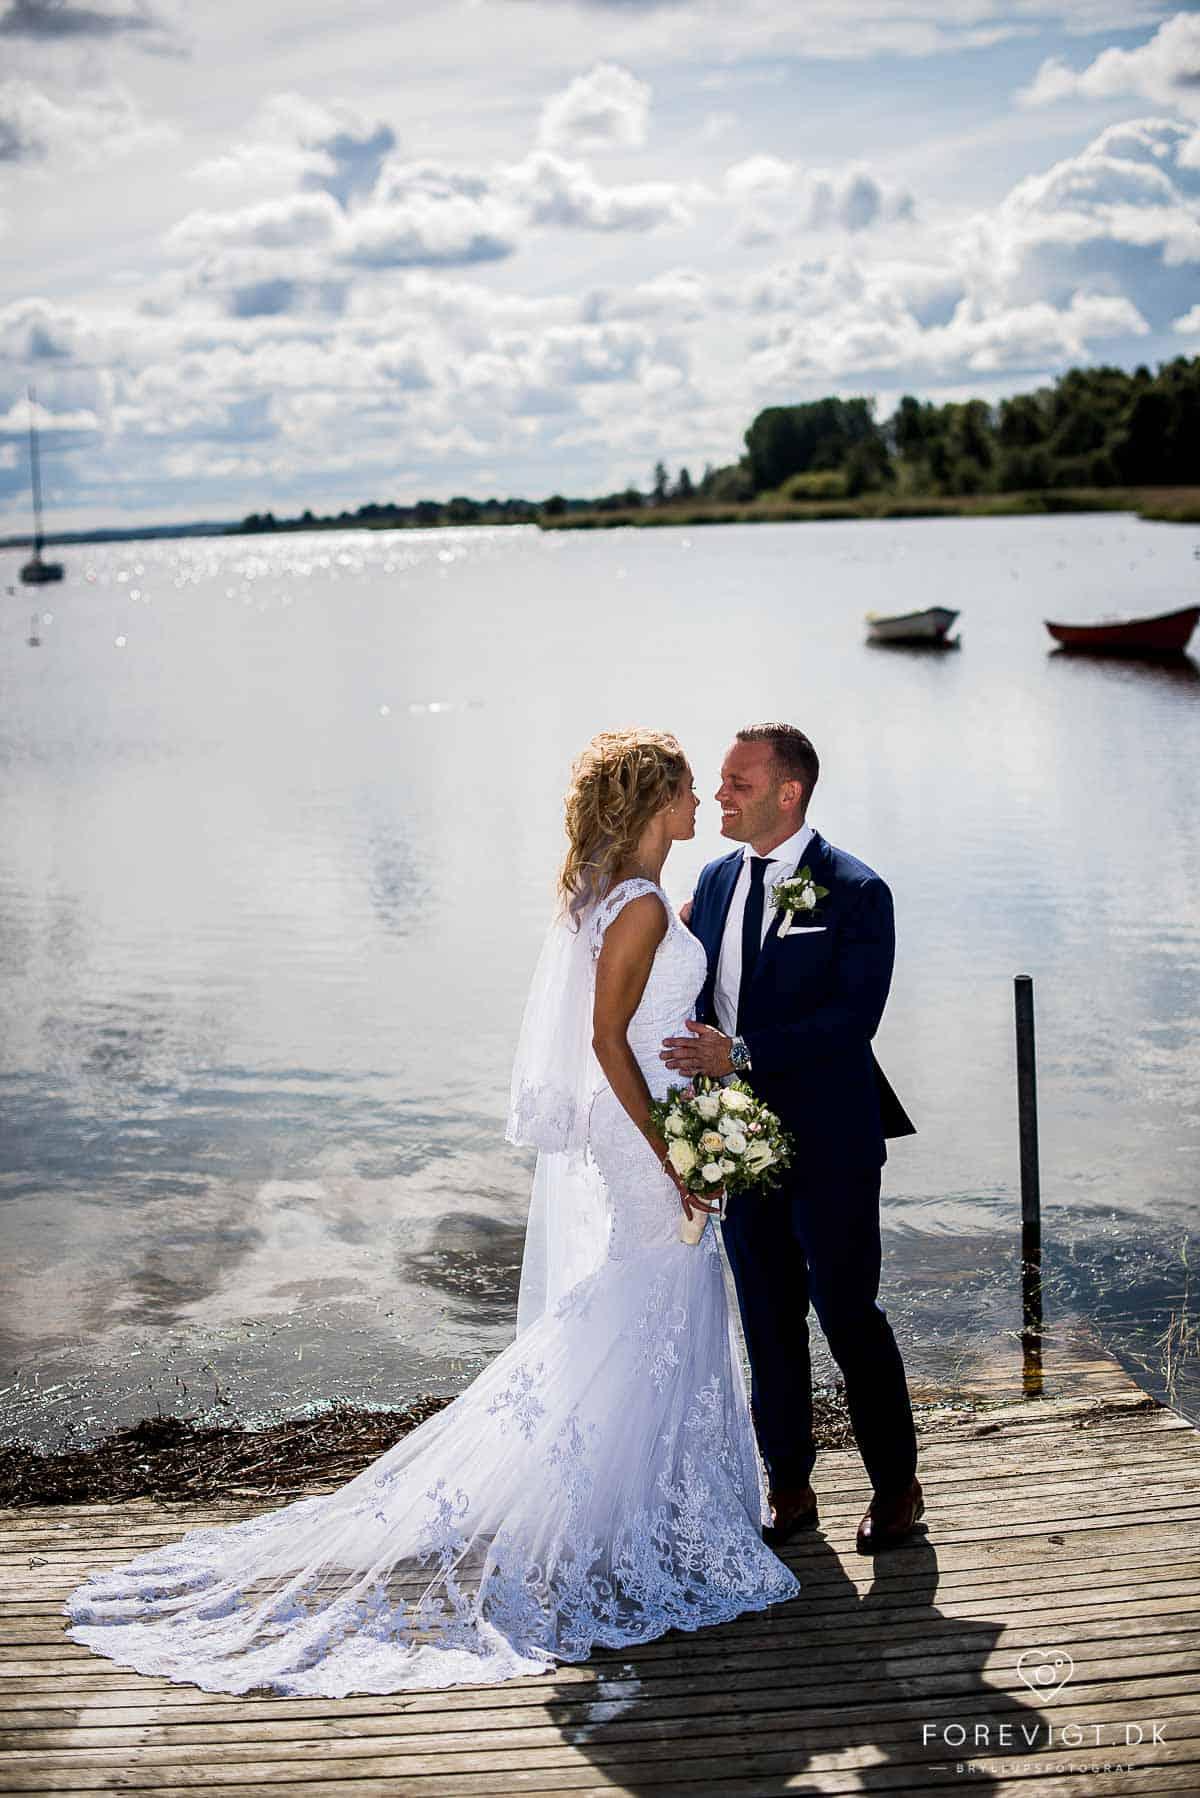 Professionel fotograf Roskilde, med fokus på bryllups, portræt